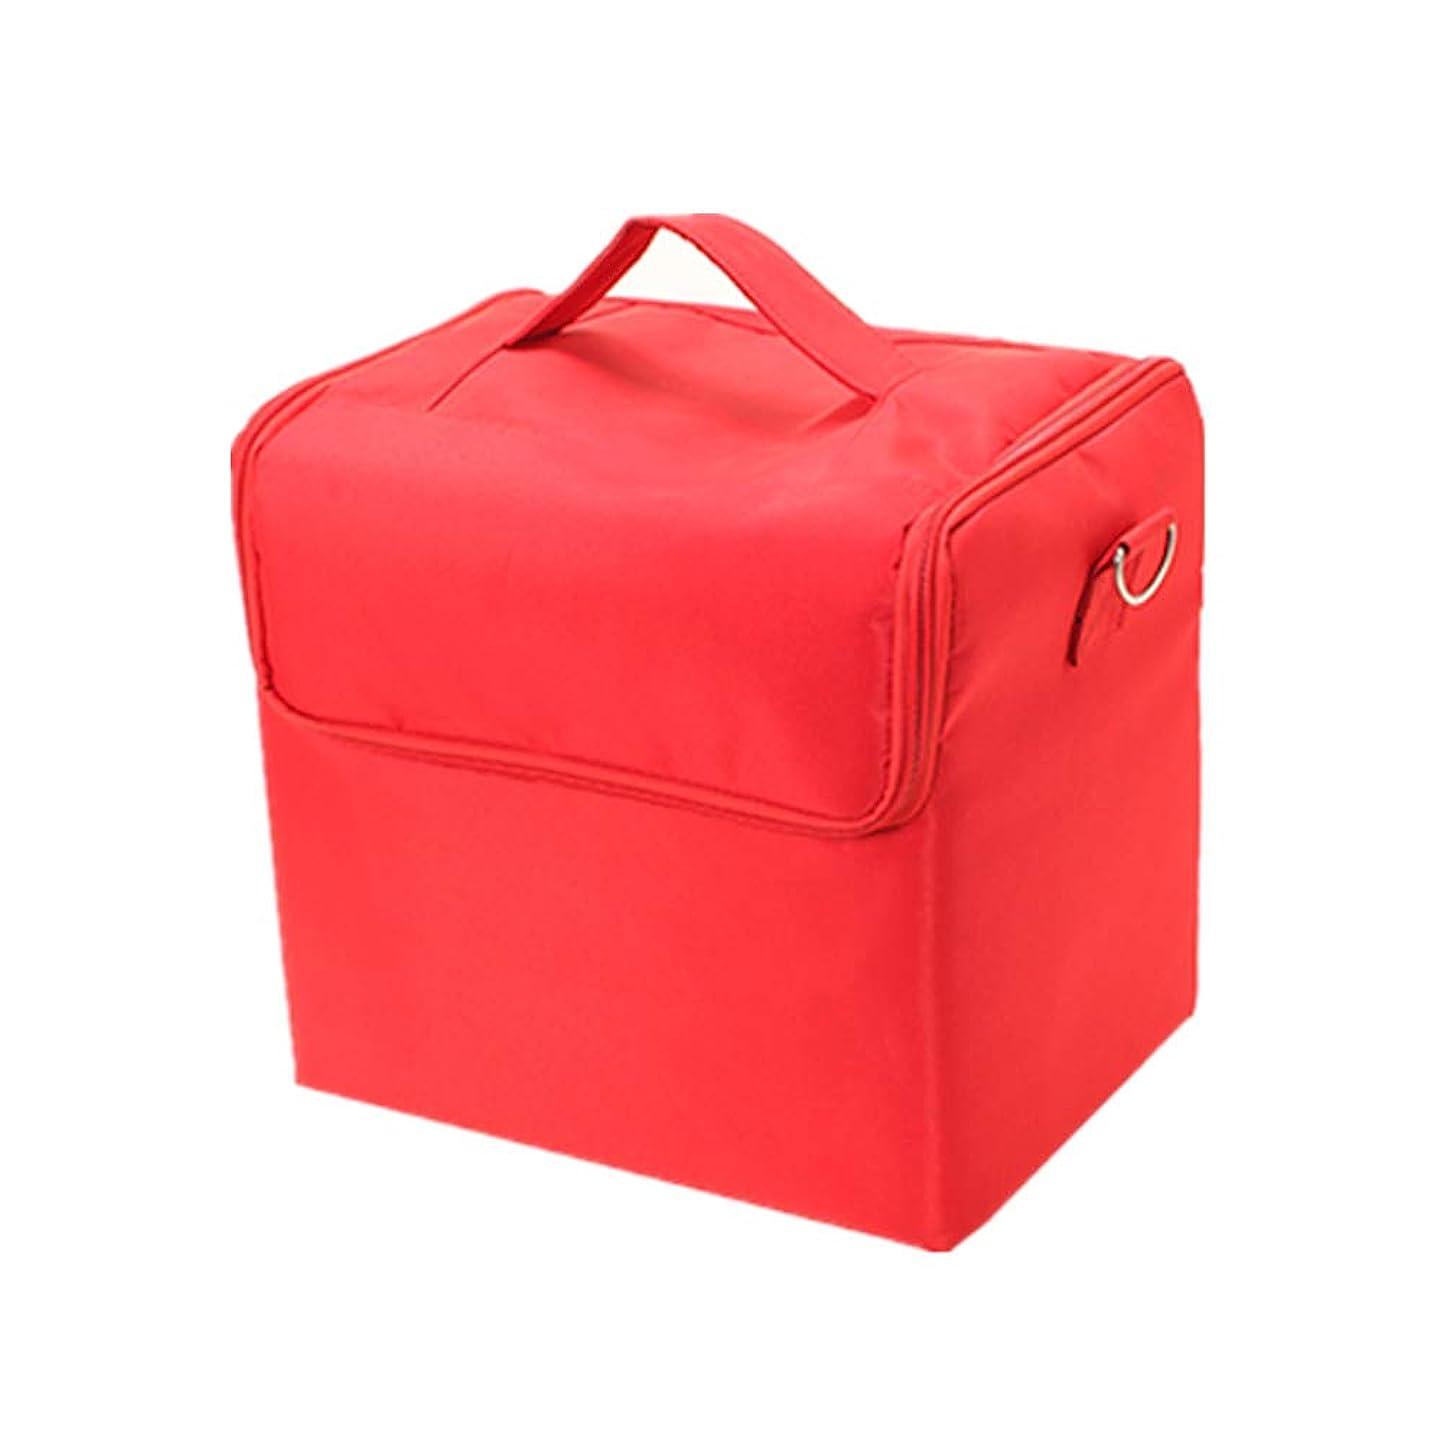 操作含意母性化粧オーガナイザーバッグ 純粋な色のカジュアルポータ??ブル化粧品バッグ美容メイクアップとトラベルで旅行 化粧品ケース